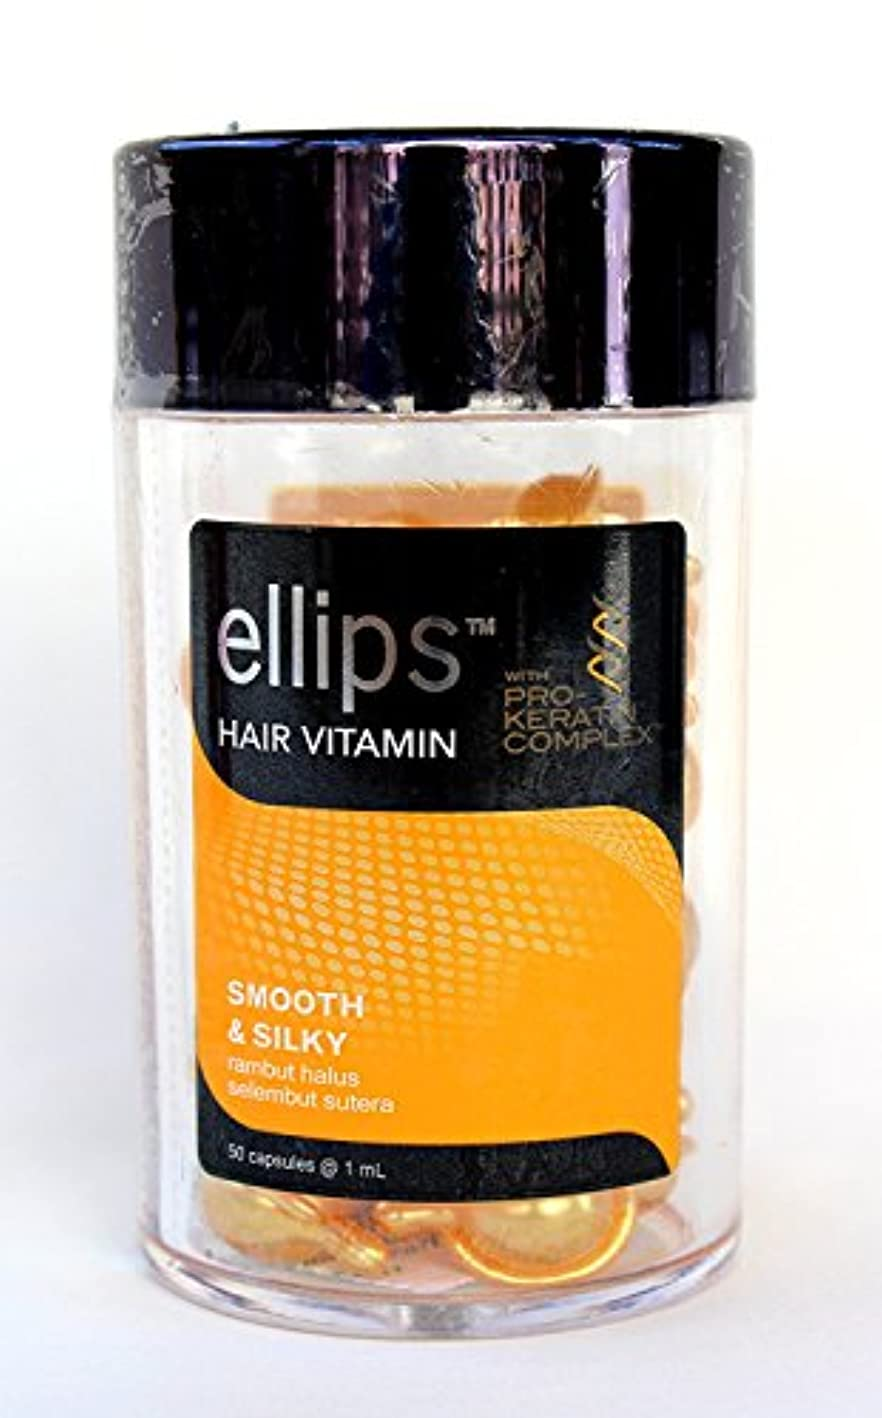 イタリック子豚広いellips カプセル型 洗い流さないヘアトリートメント ボトルタイプ ヘアビタミン スムース&シルキー 1ml×50粒